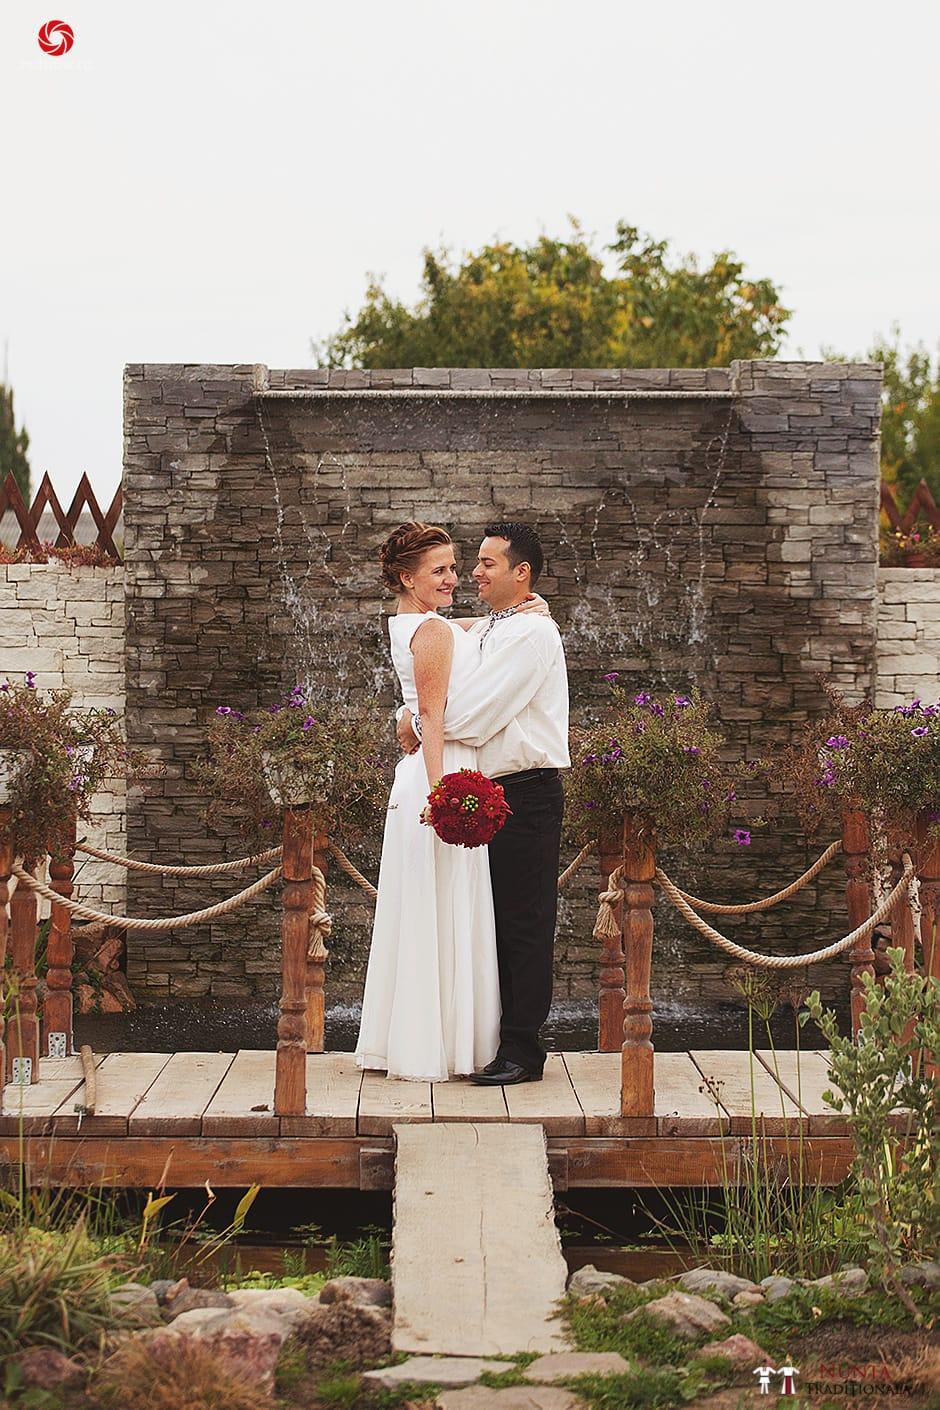 Povești Nunți Tradiționale - Ionatan și Andrea - Nuntă în Crișana. Să ne îmbătăm cu veselia nunții, în culorile toamnei 62